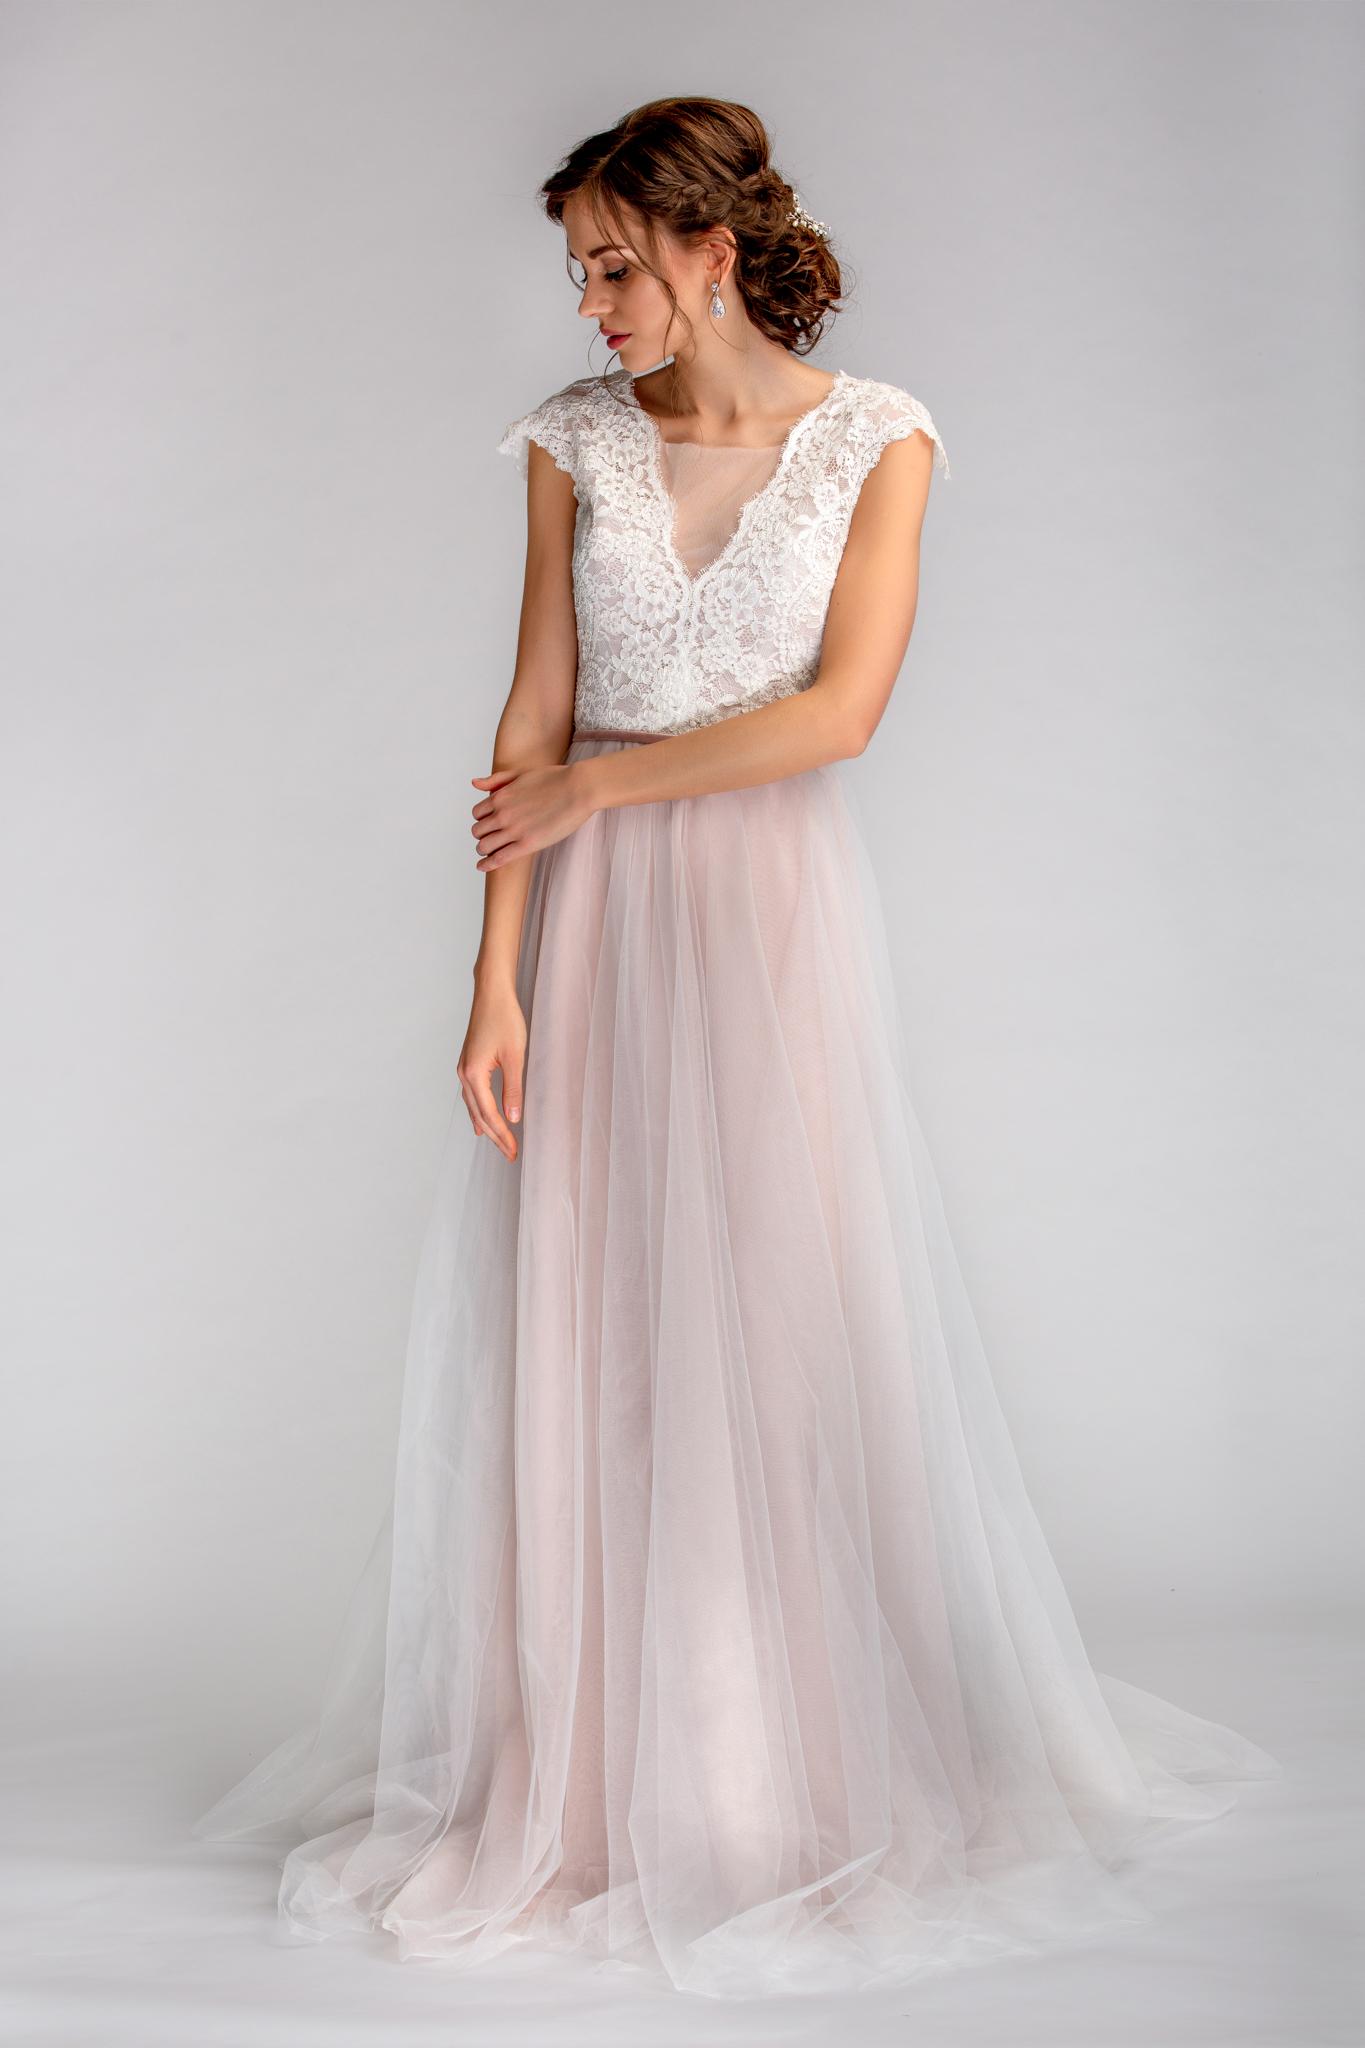 Hochzeitskleid Brautkleid Manna Bespoke Bridal Vienna5